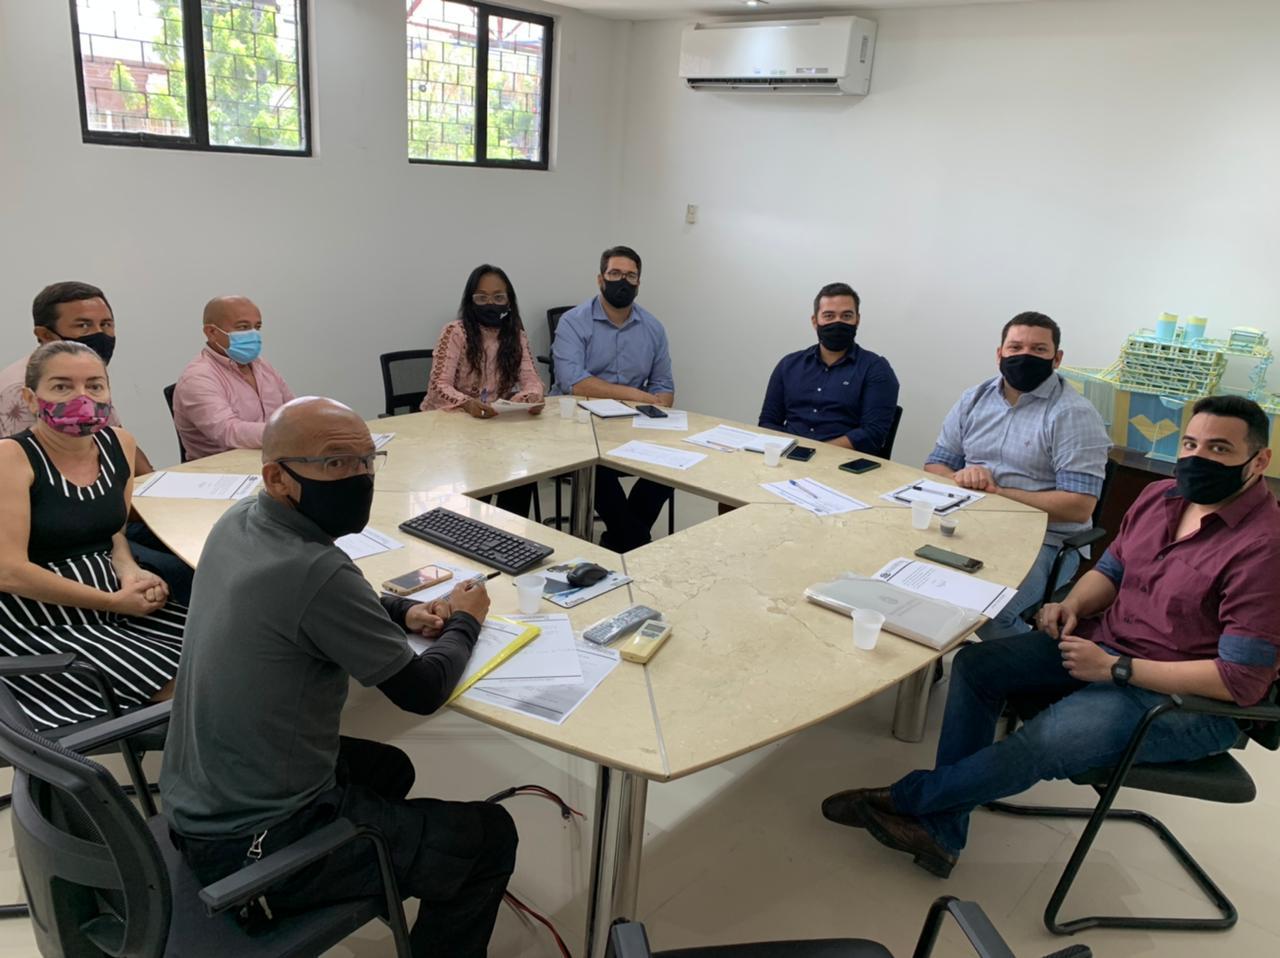 Seas realiza reunião com membros do Sintbem sobre a Seleção Pública